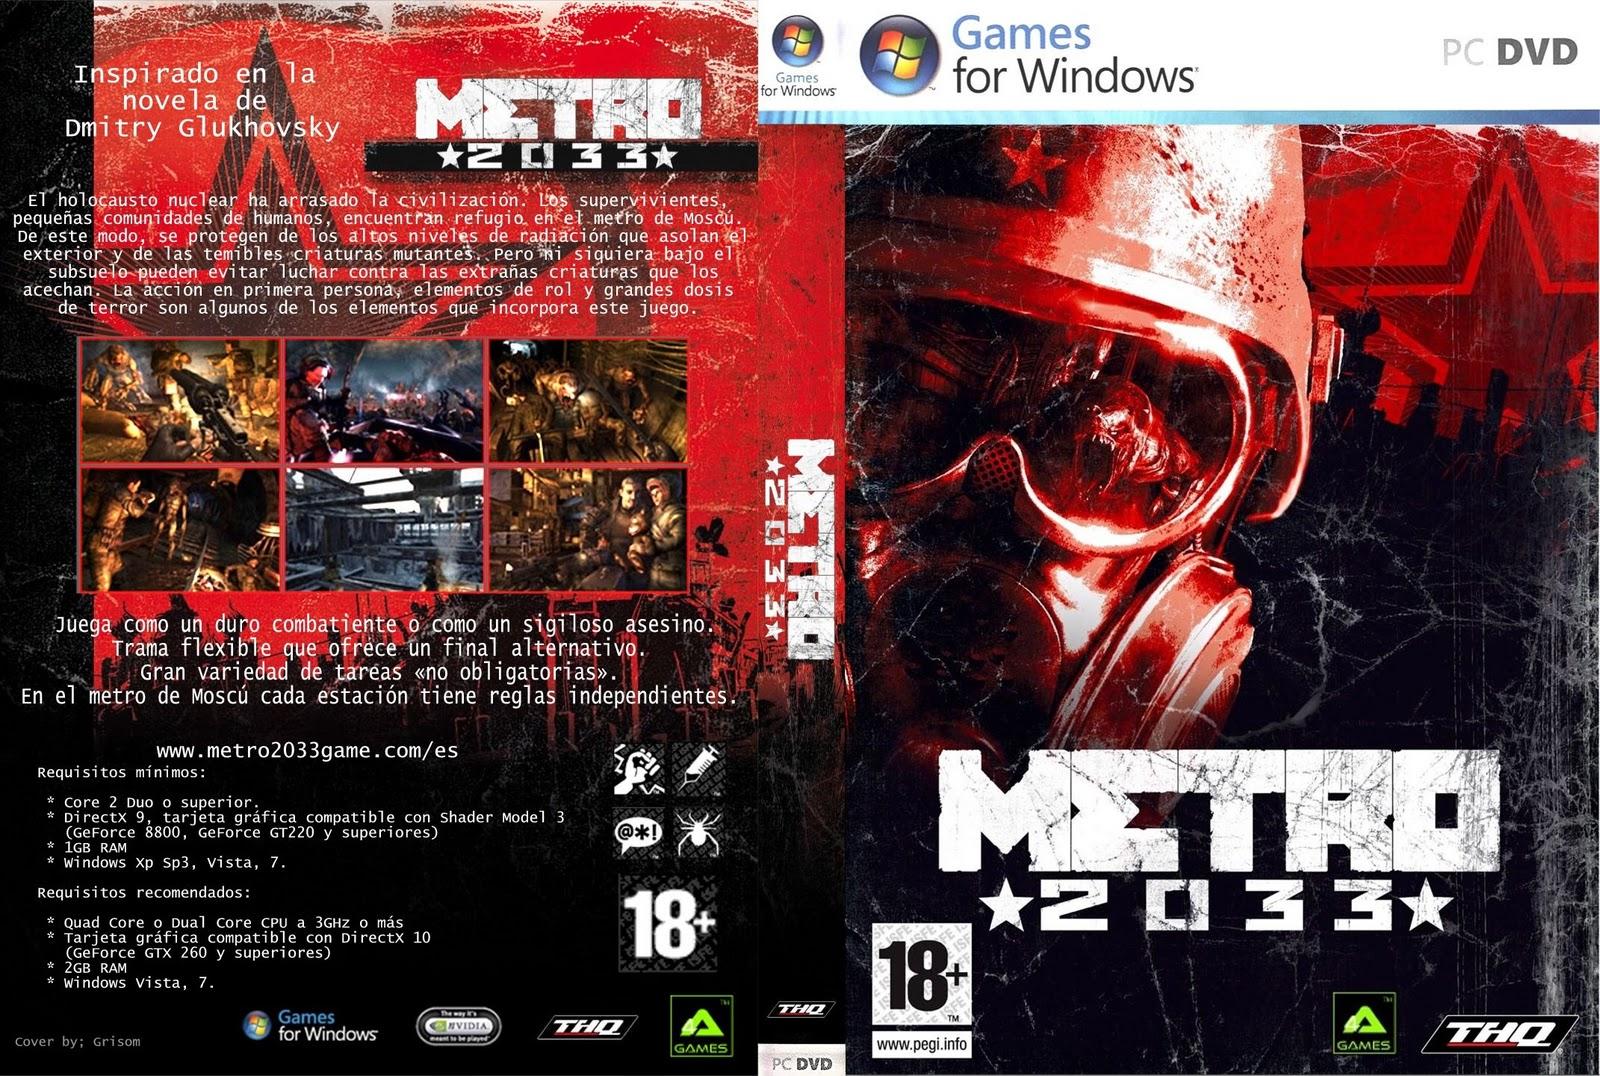 brännarprogram pc dvd gratis